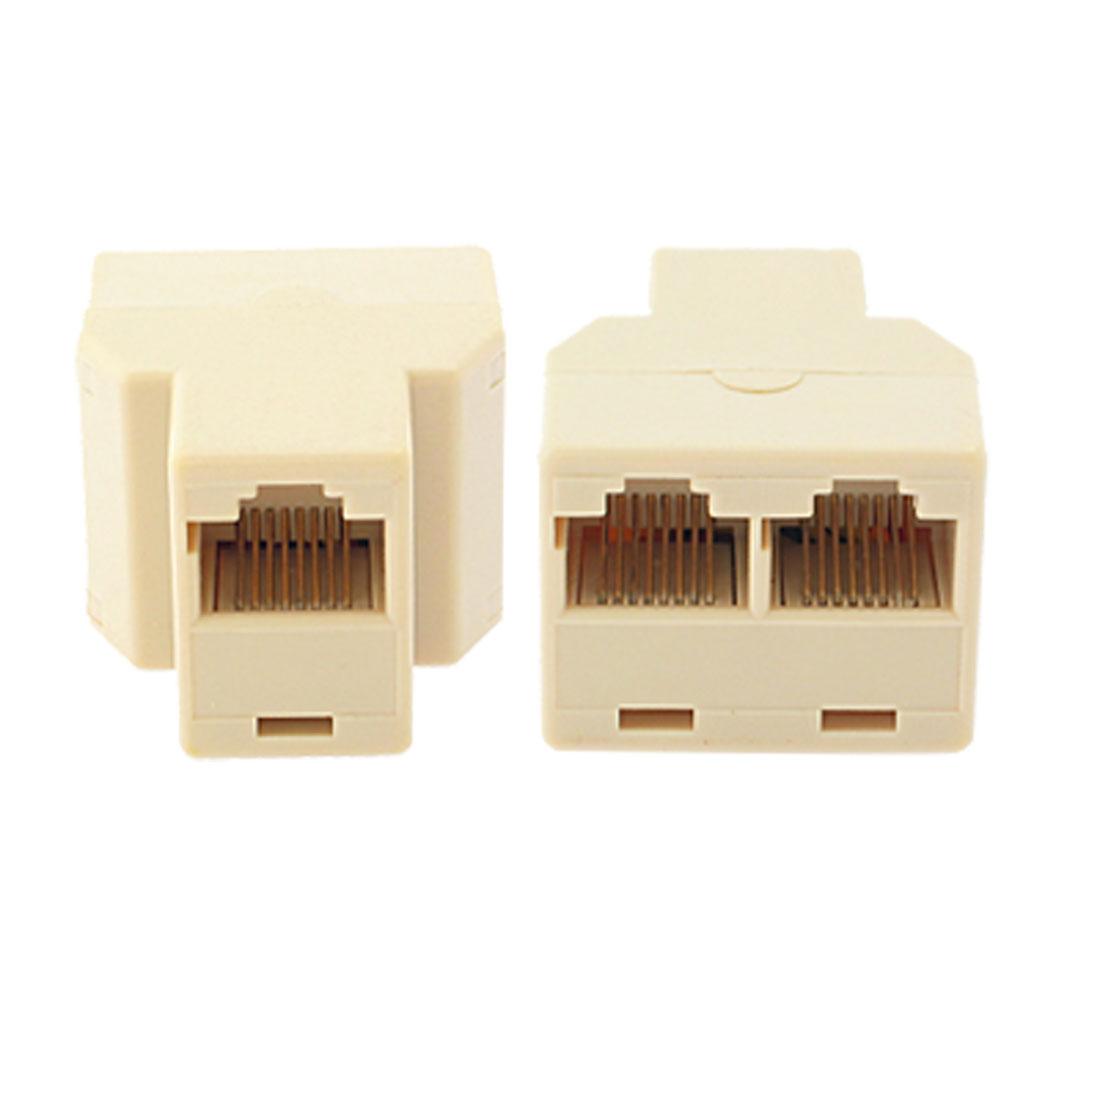 3 Port Rj45 Network Splitter